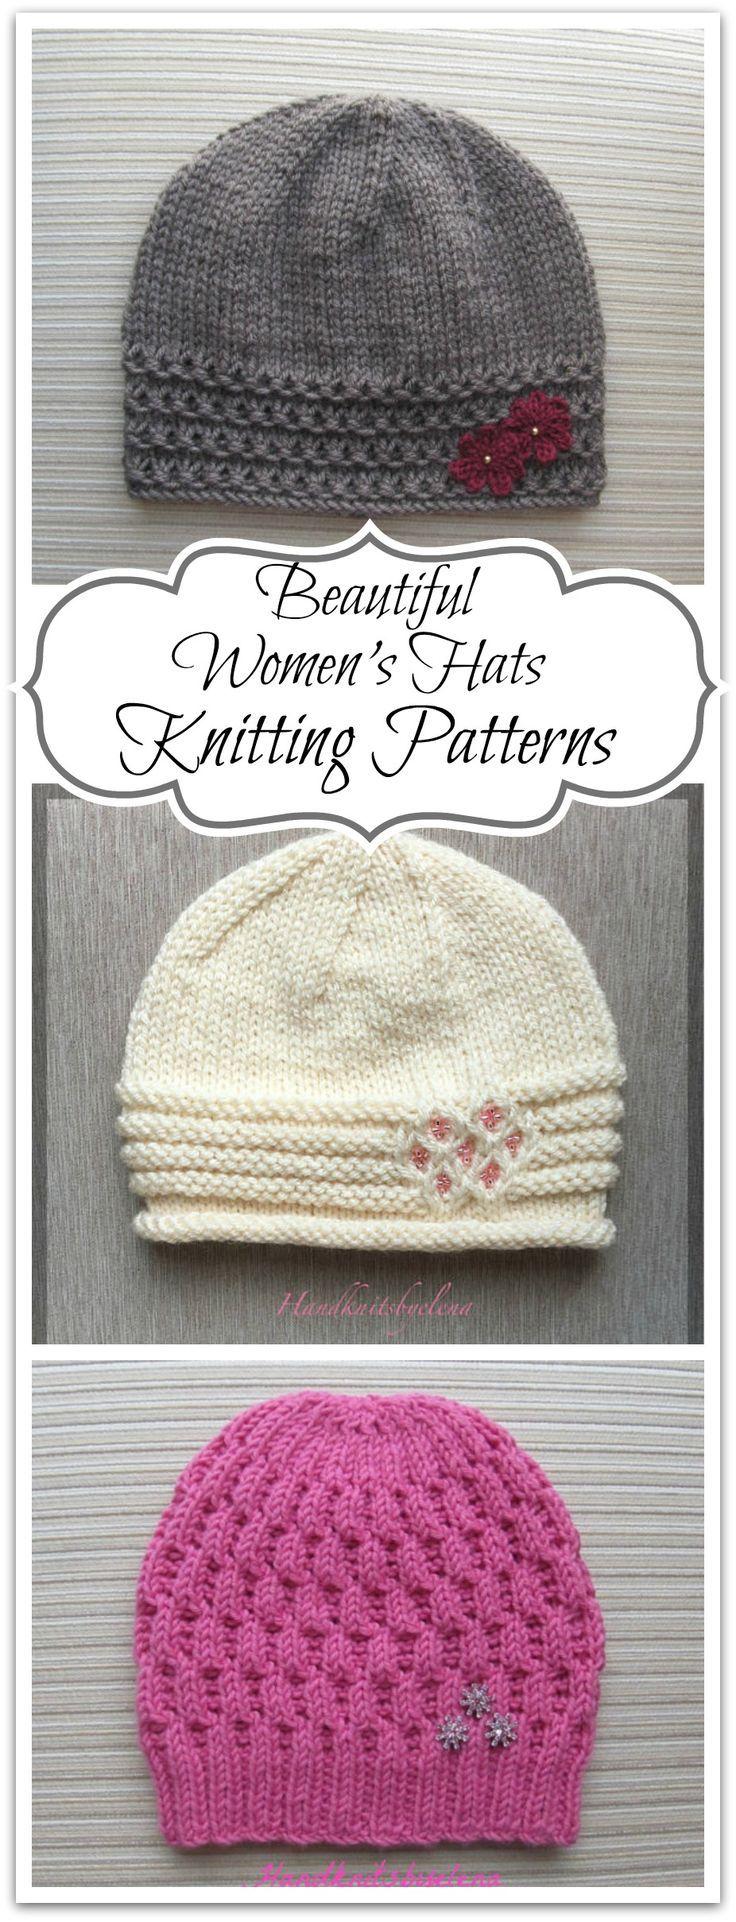 Hermosos sombreros de mujer tejer patrones. Hermoso patrón de tejer y crochet ...